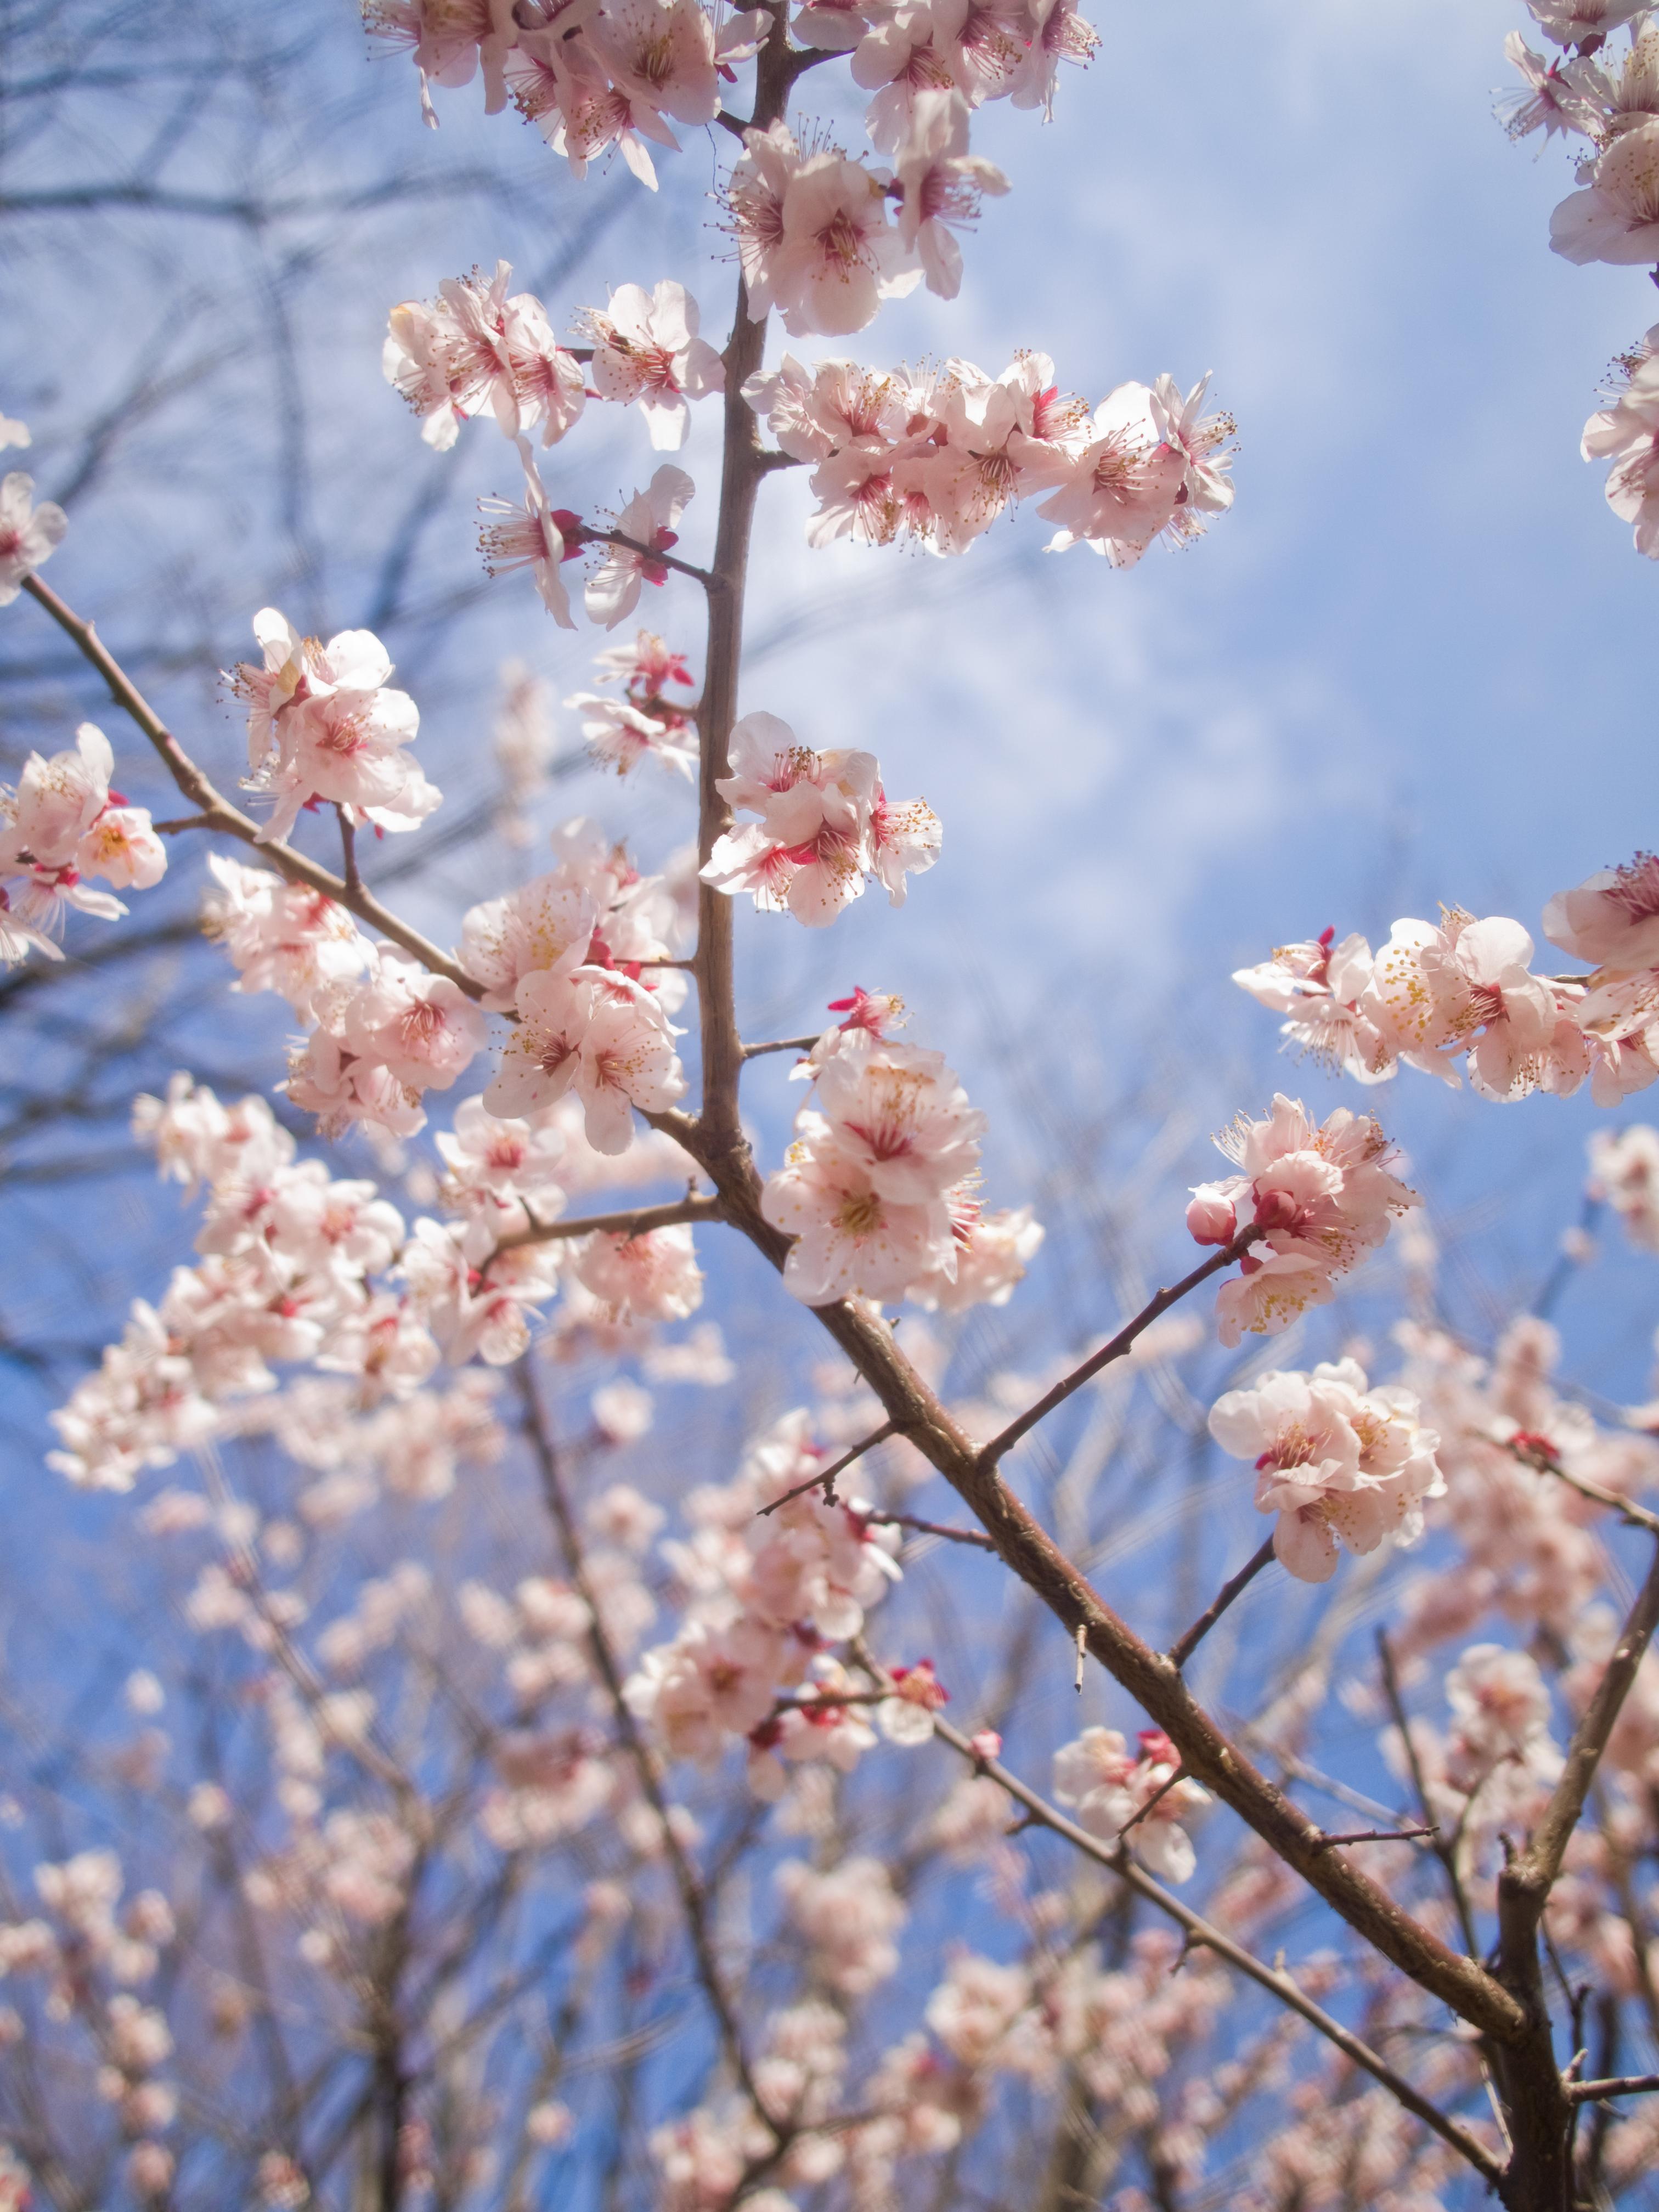 ゆうひの丘(桜ヶ丘公園)で多摩の夜景を楽しもう!おすすめスポットは?